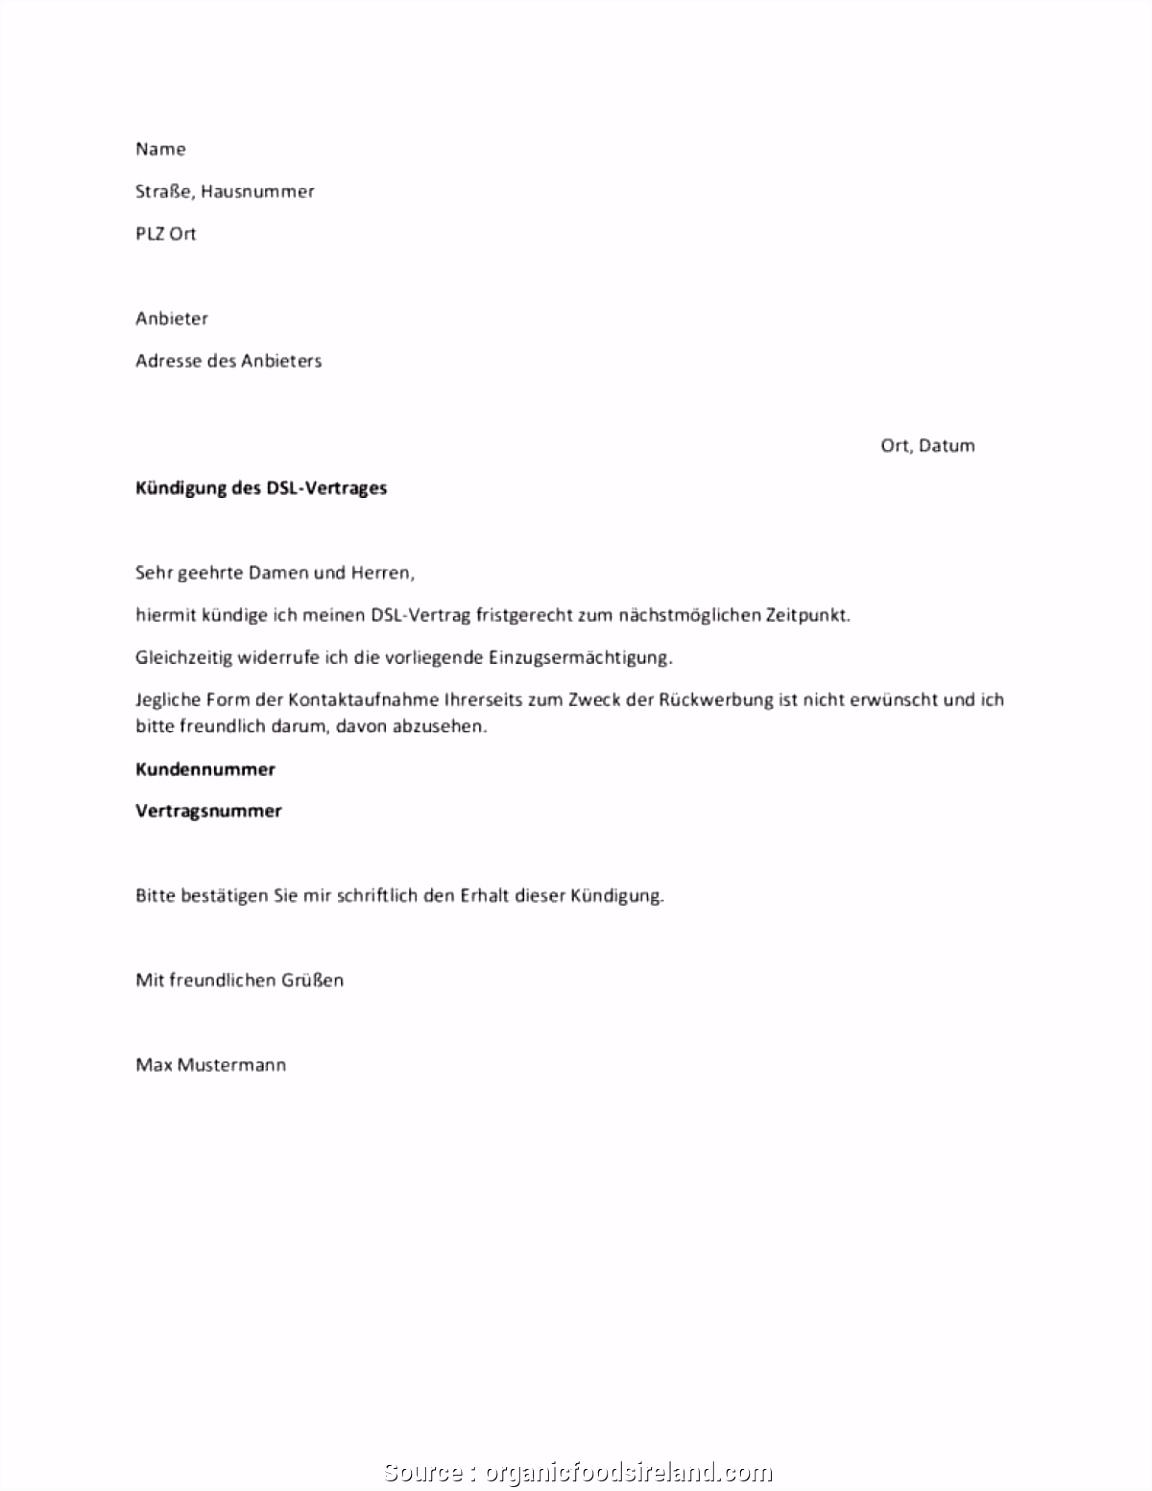 Neueste Vorlage Kündigung Wohngebäudeversicherung Kündigung